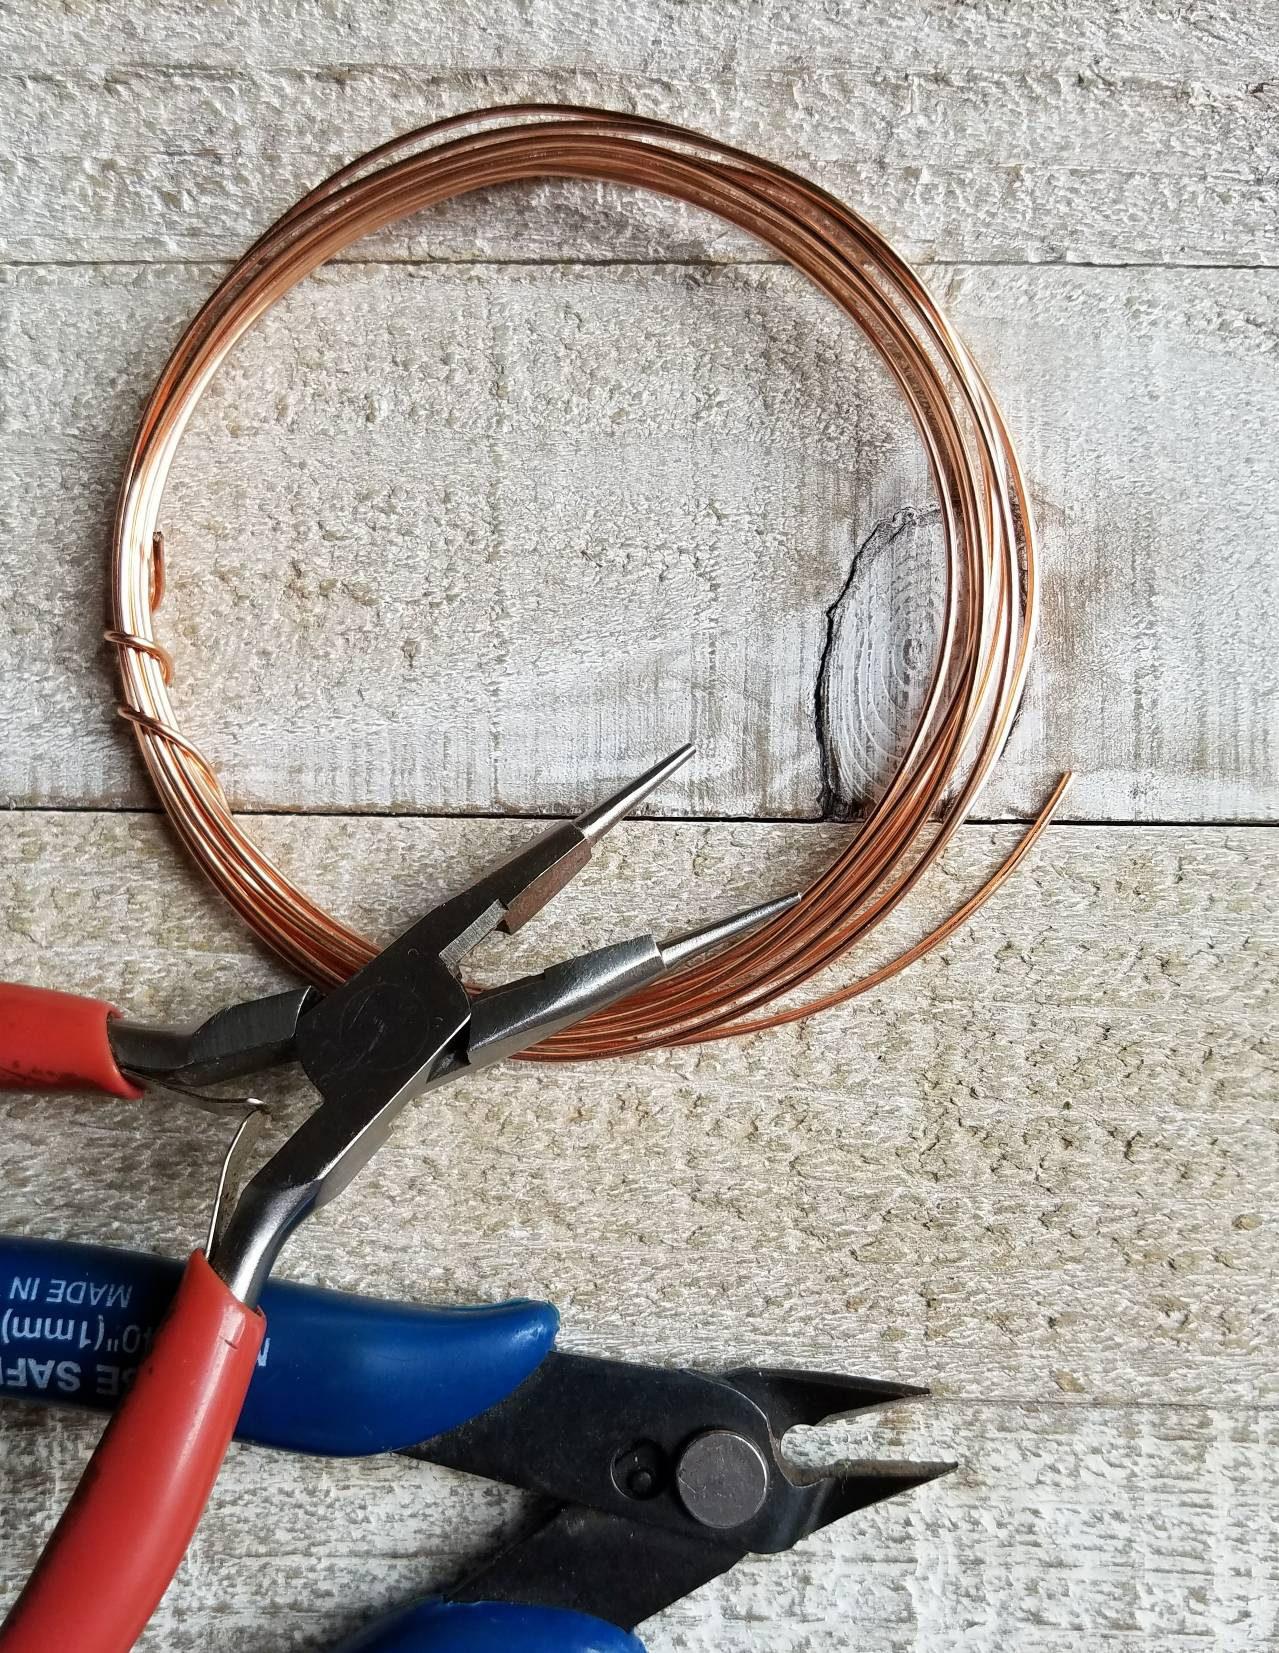 24ga gauge Copper Wire - 25 feet - Copper Wire Supplies Wirework ...